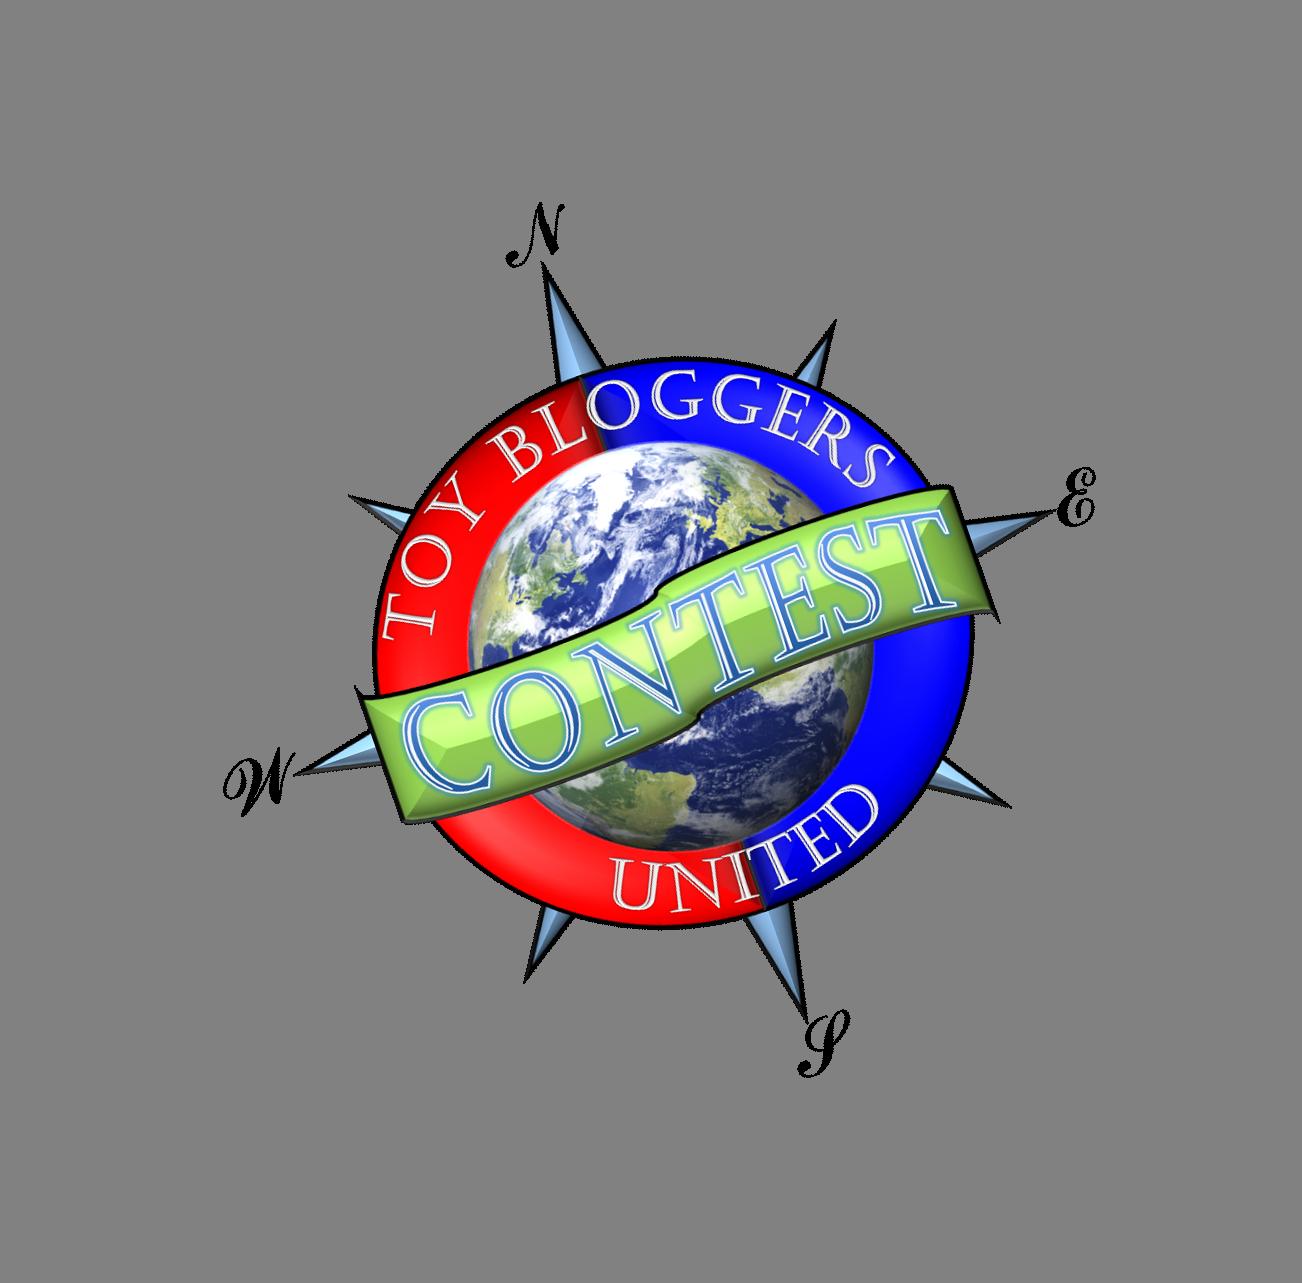 toy-bloggers-united-logo